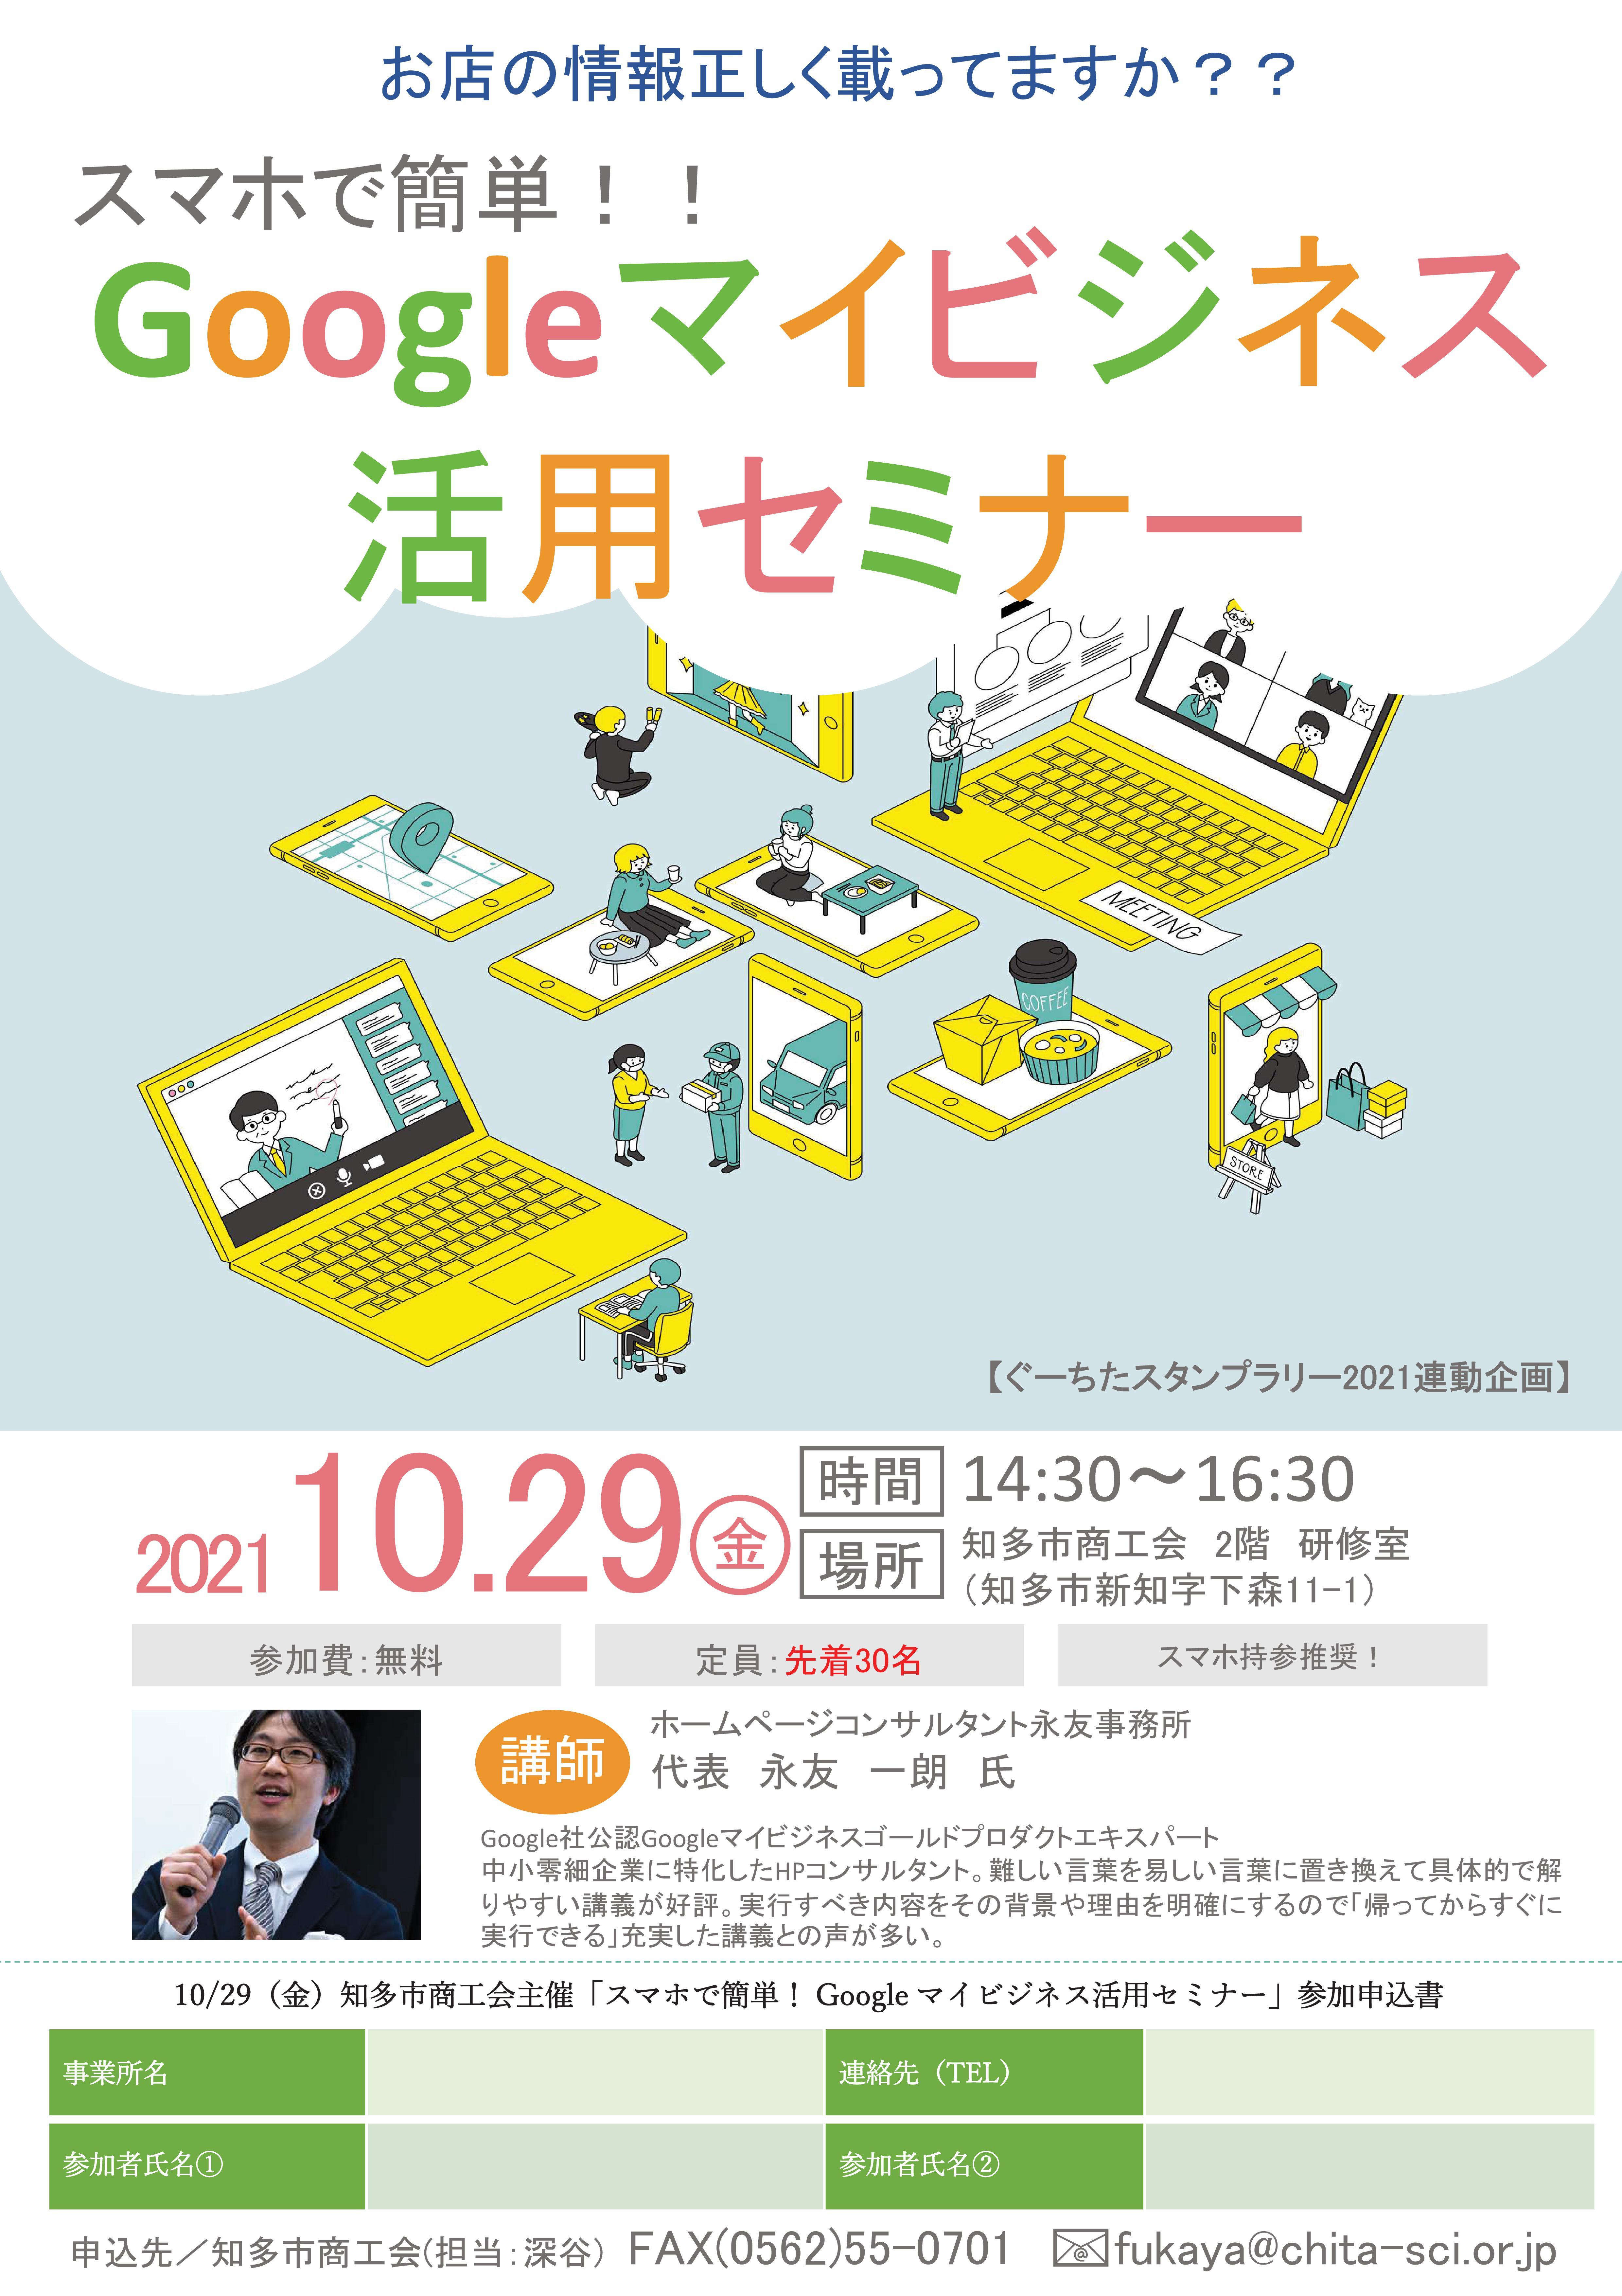 スマホで簡単!!Googleマイビジネス活用セミナーのイメージ